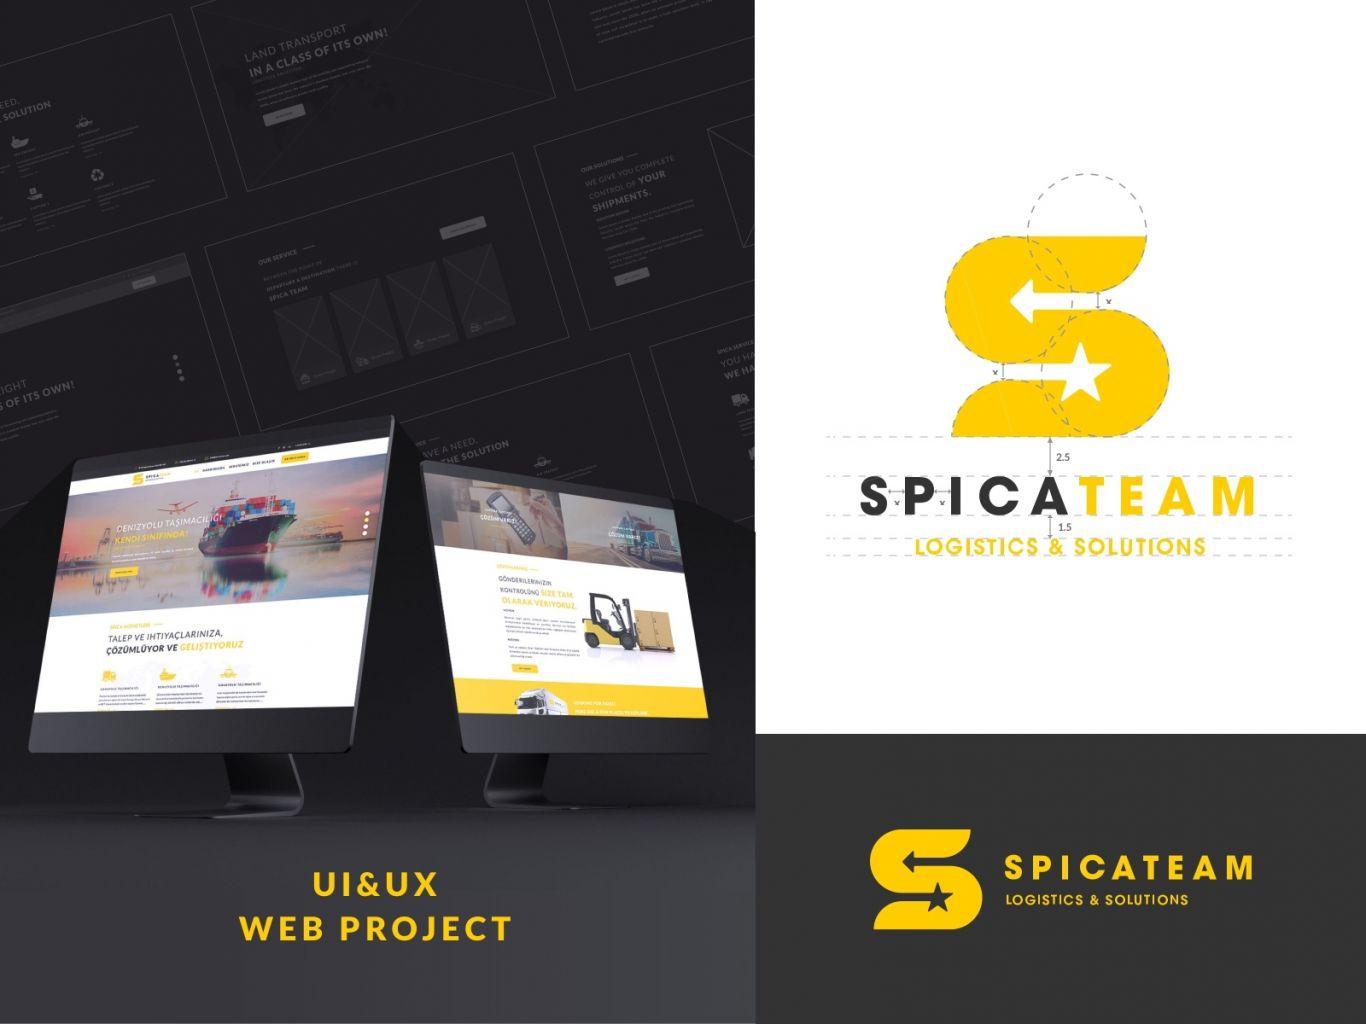 spicateam.com